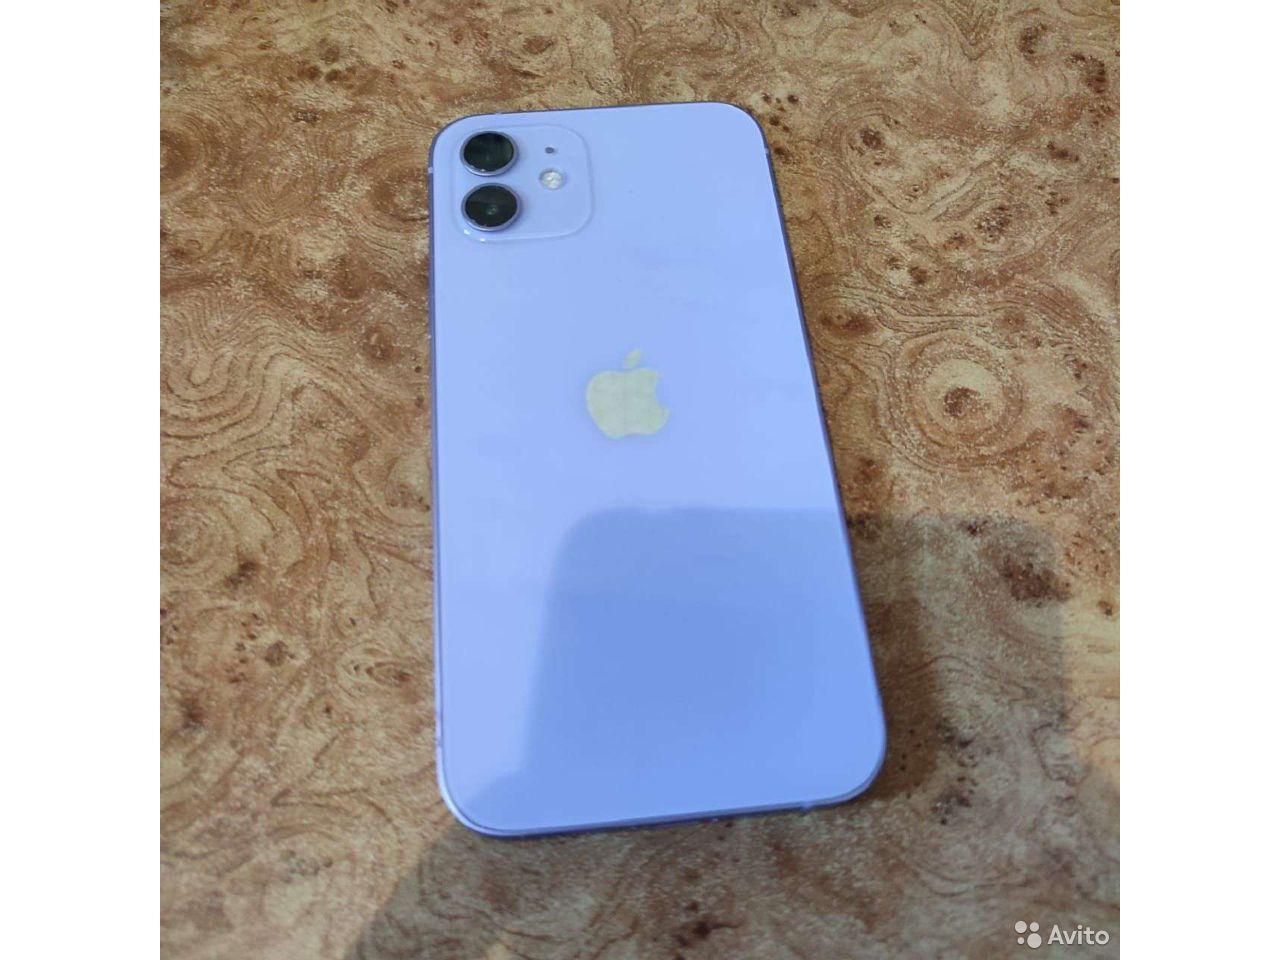 iPhone 12 128gb - 3